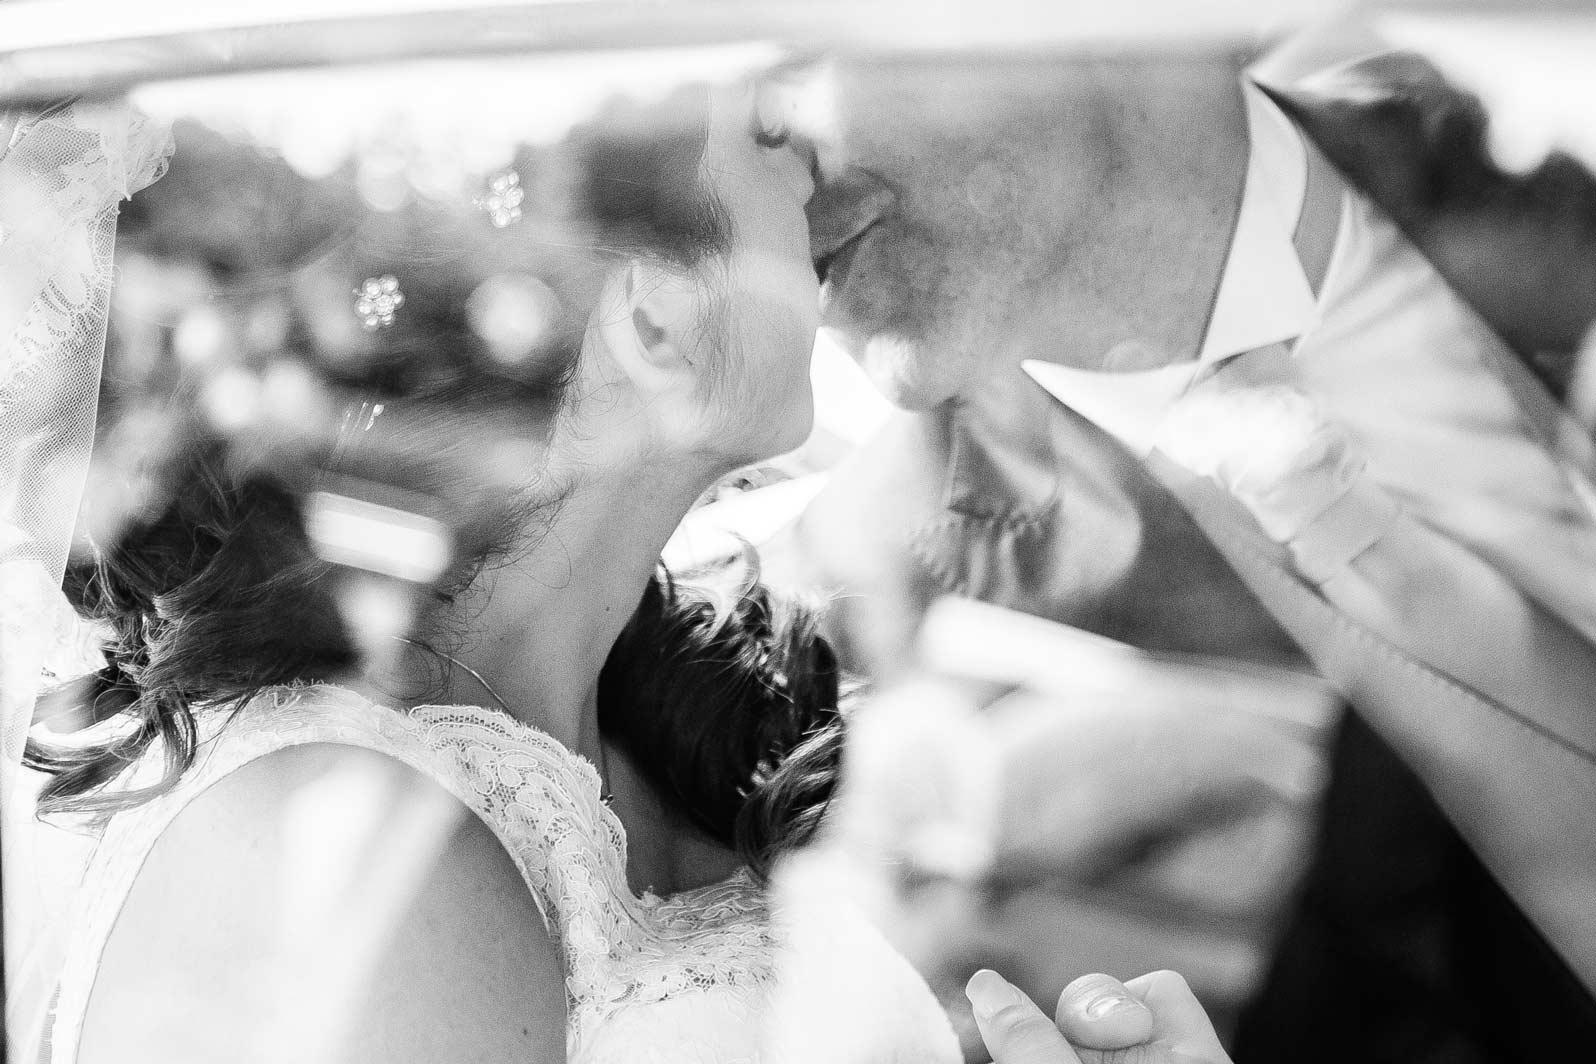 Reportage-Wedding-Photographer-Italy-1-Ceremony